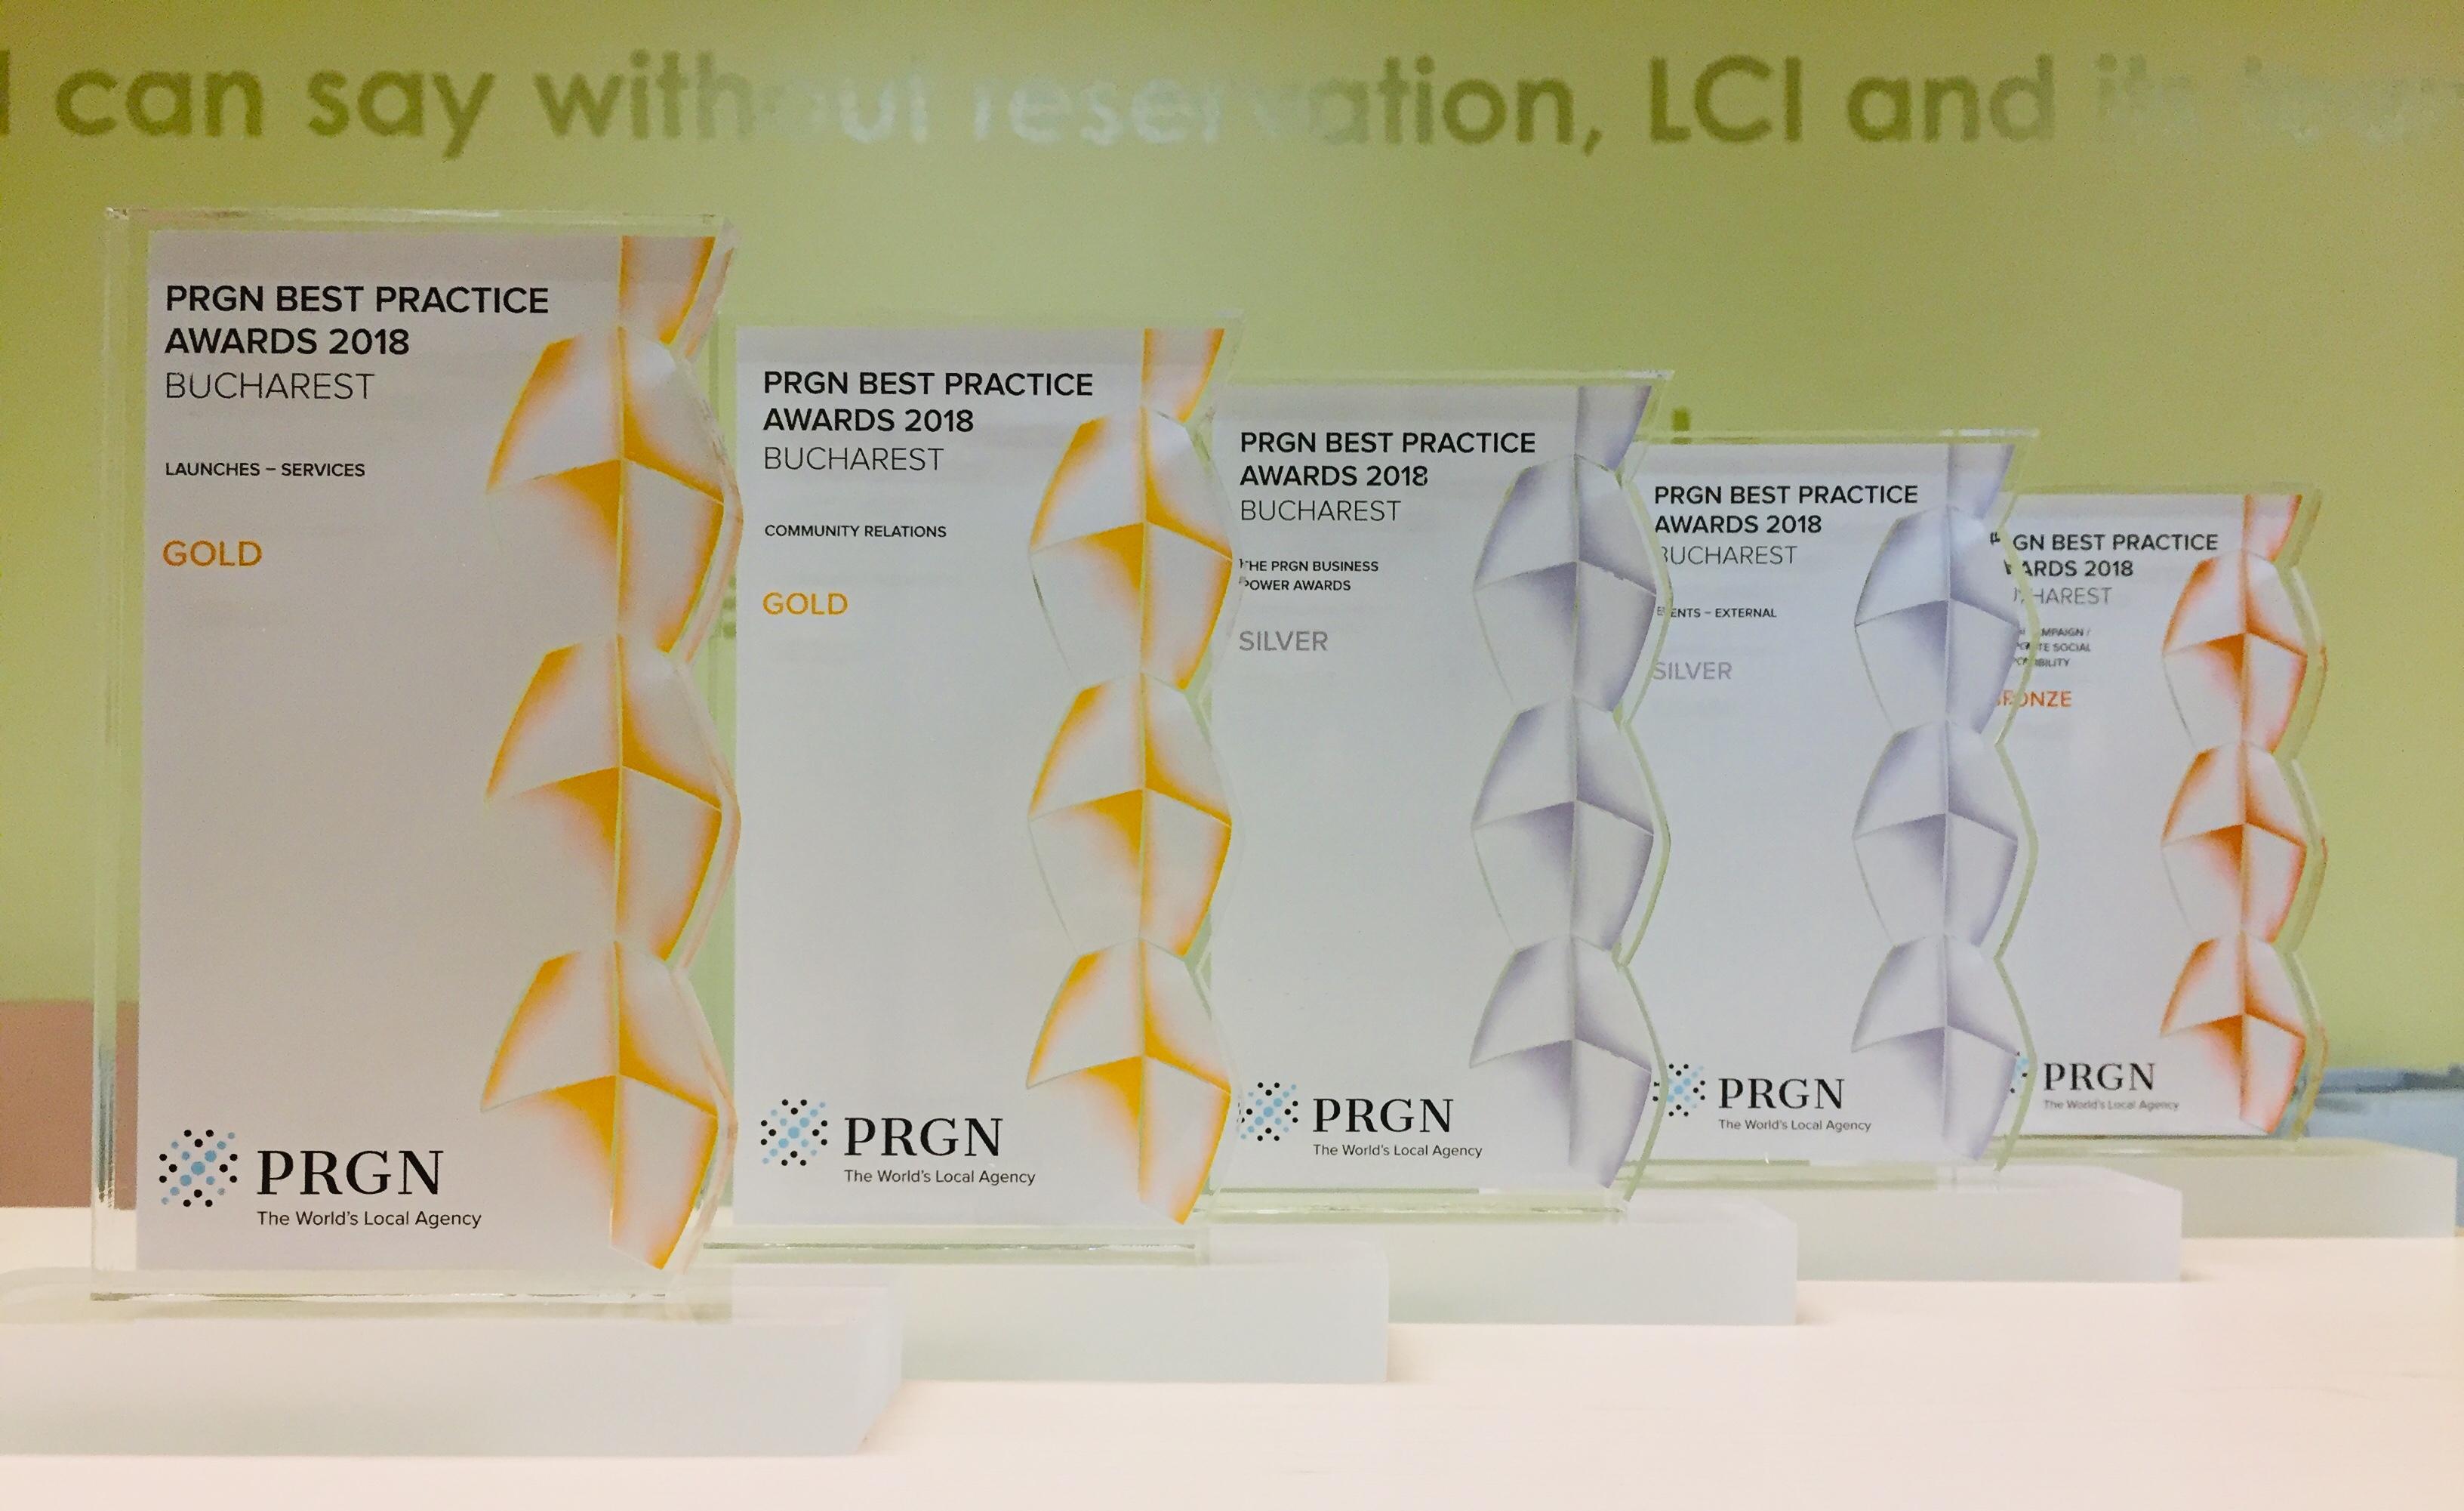 PRGN Awards